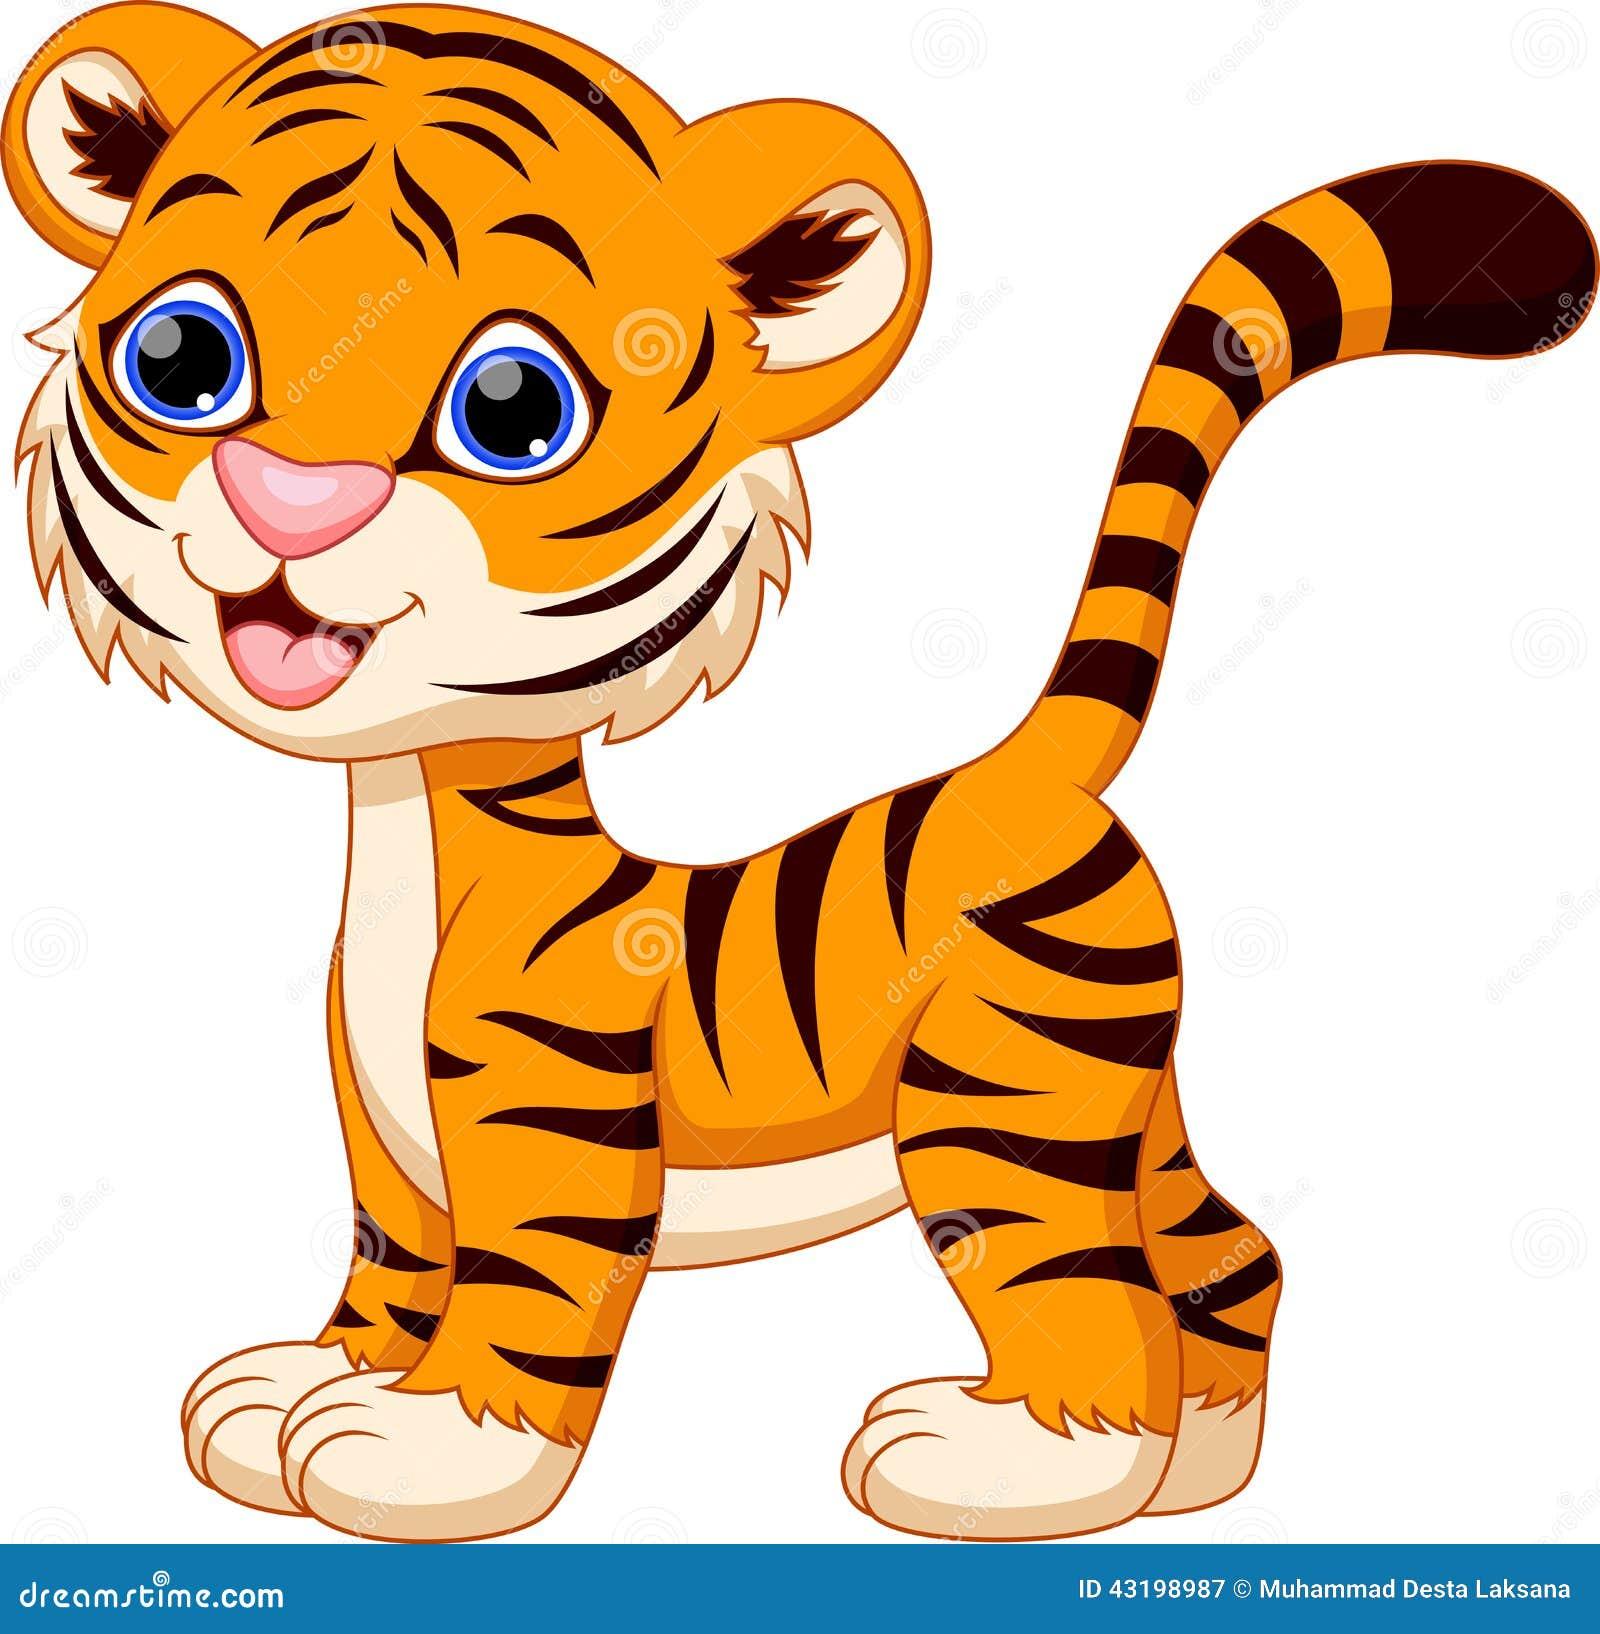 Fabuleux Dessin Animé Mignon De Tigre Illustration Stock - Image: 43198987 LO43